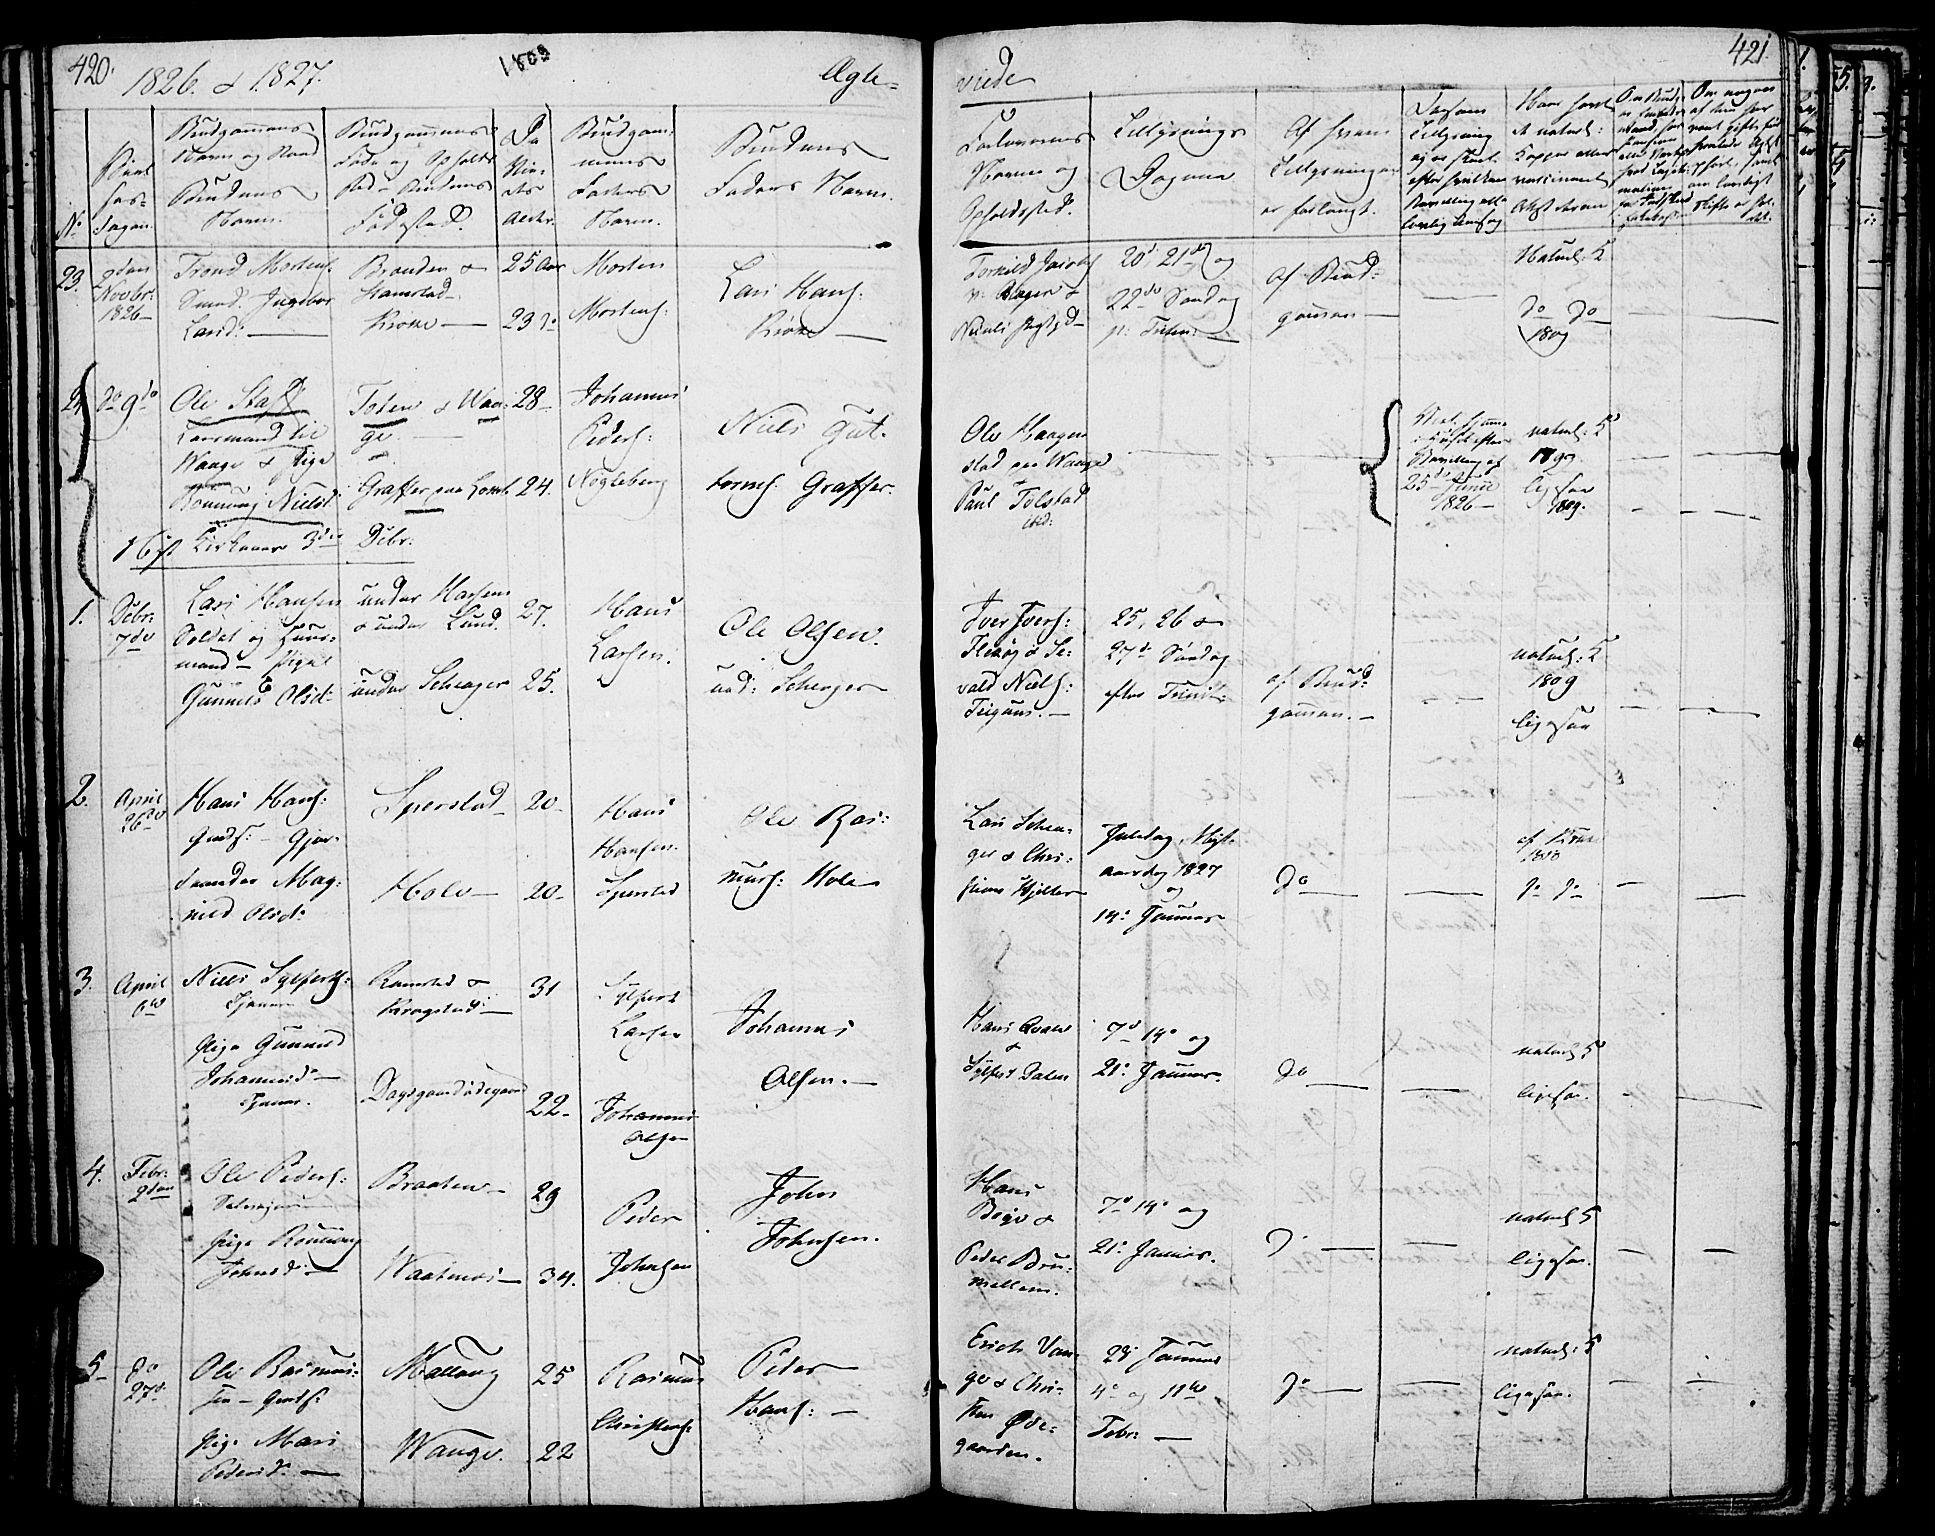 SAH, Lom prestekontor, K/L0005: Ministerialbok nr. 5, 1825-1837, s. 420-421